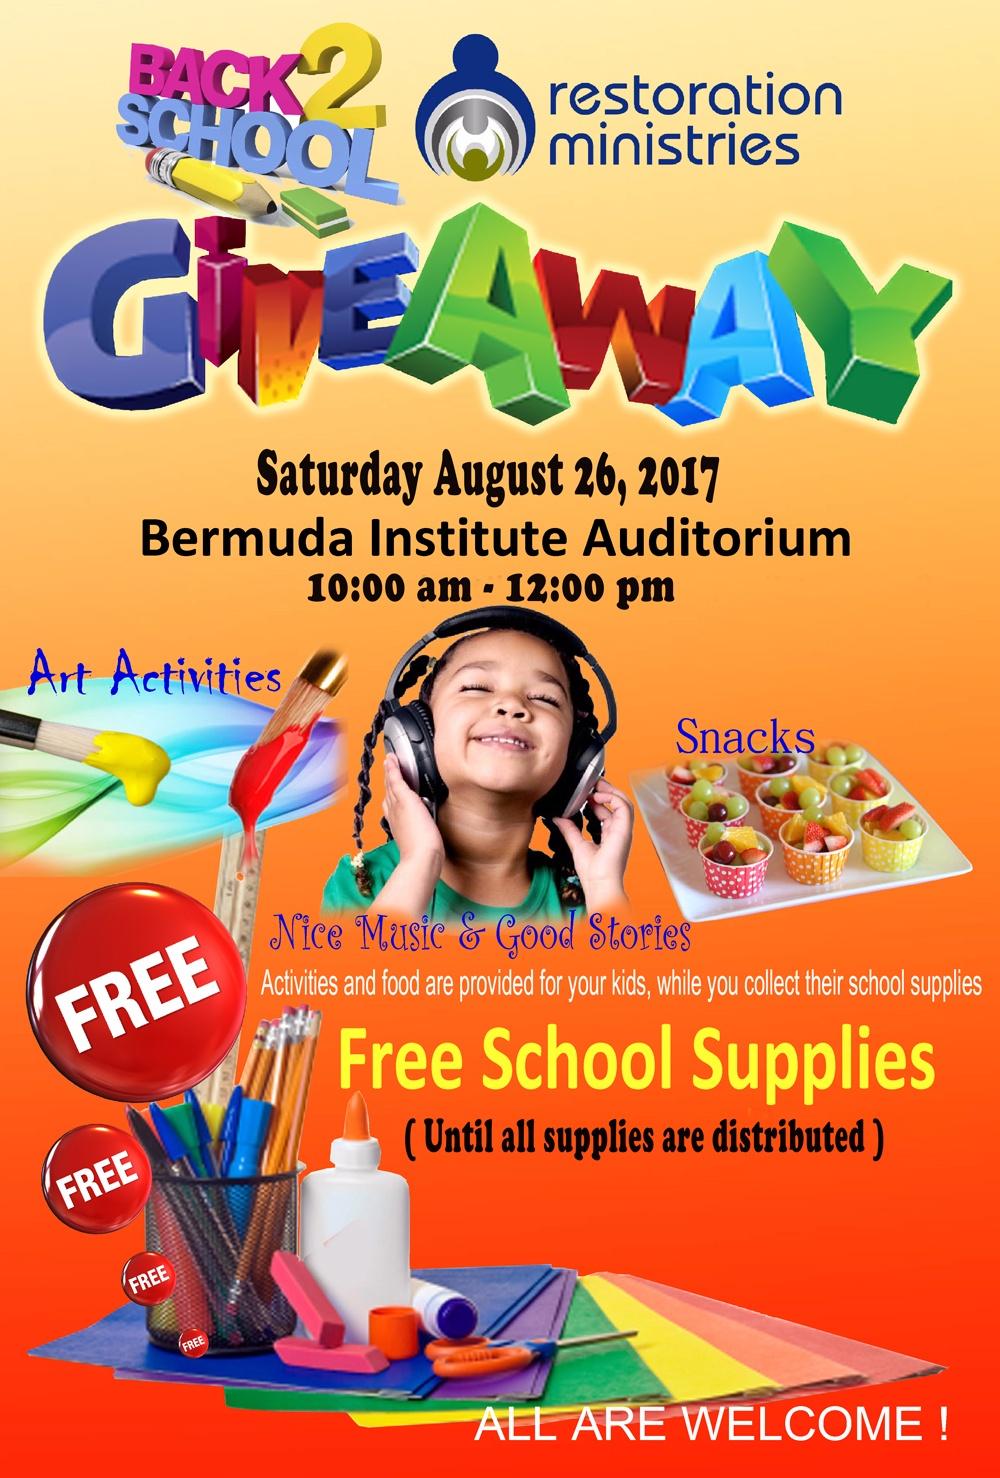 back 2 school giveaway Bermuda August 21 2017